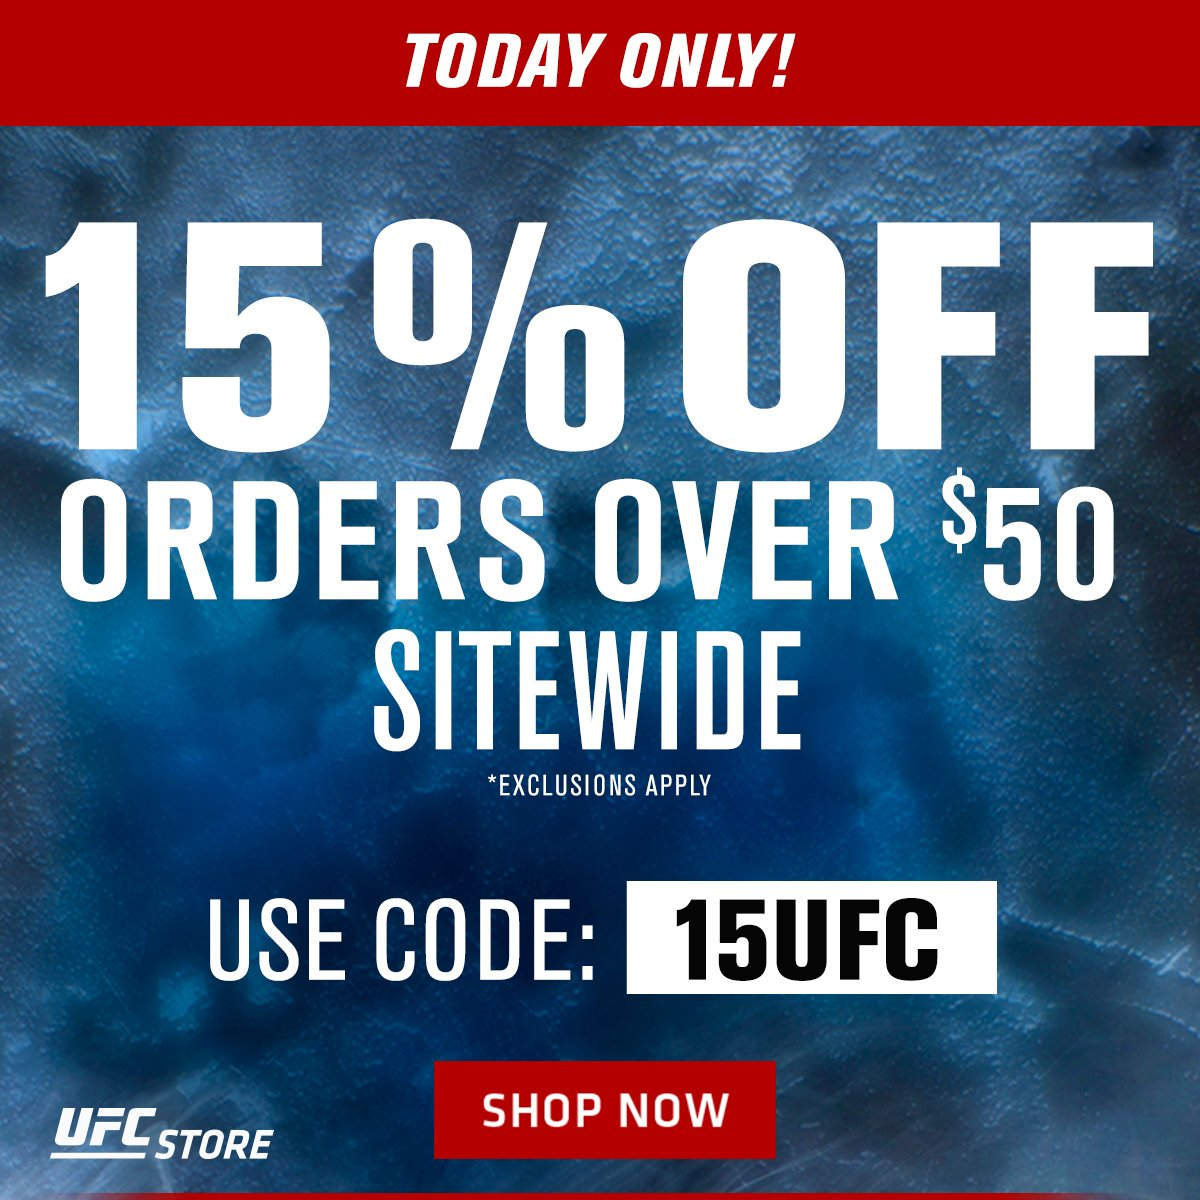 Ufc store coupon code